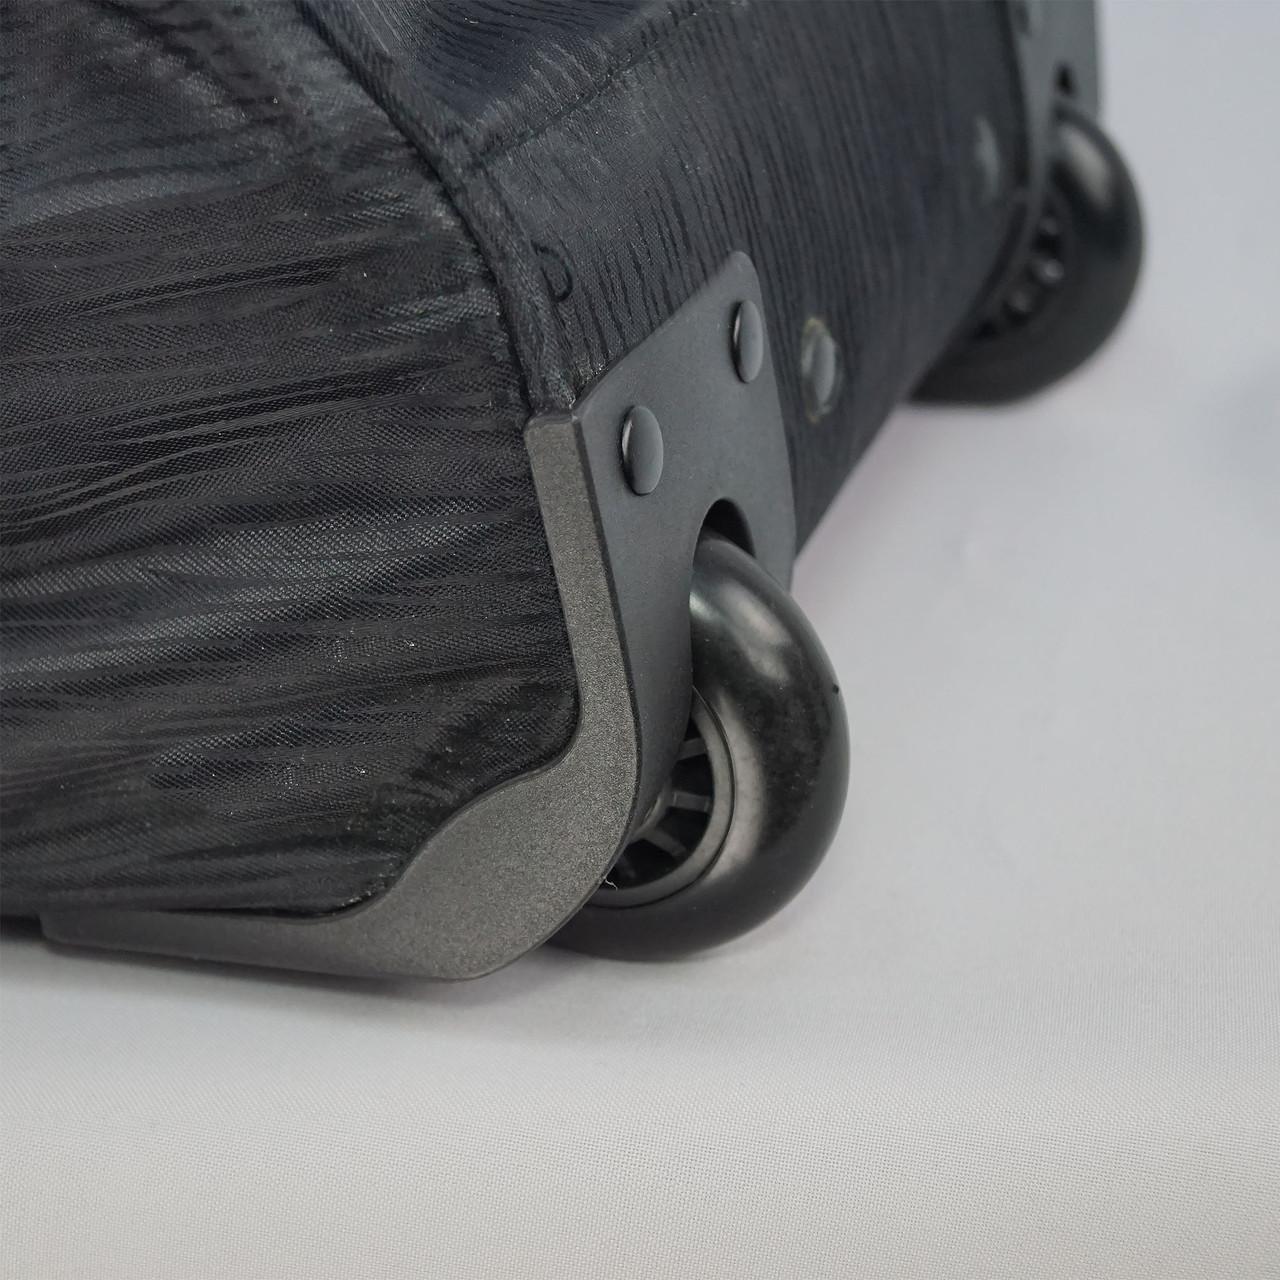 bbdccdcb2ad8 ... Дорожная сумка на колесах Calpak | дорожные сумки (дорожні сумки)| Это  конкурент ...